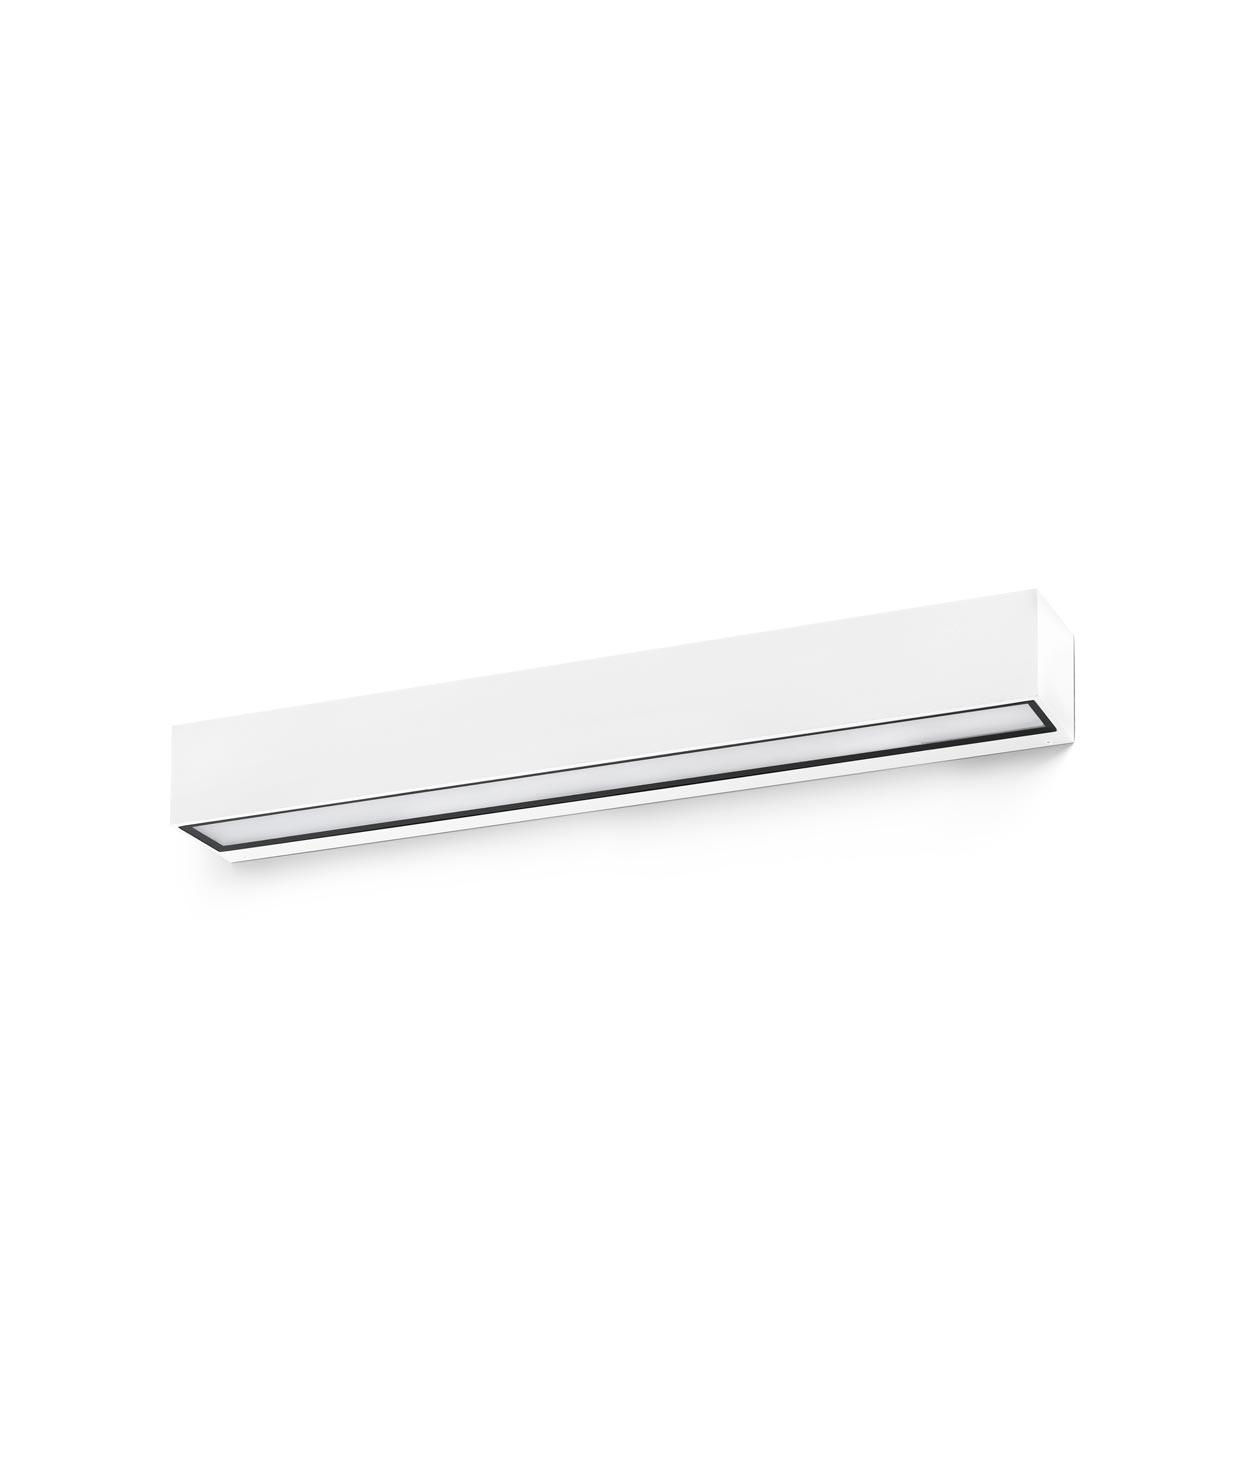 Lámpara blanca aplique USAGUI LED